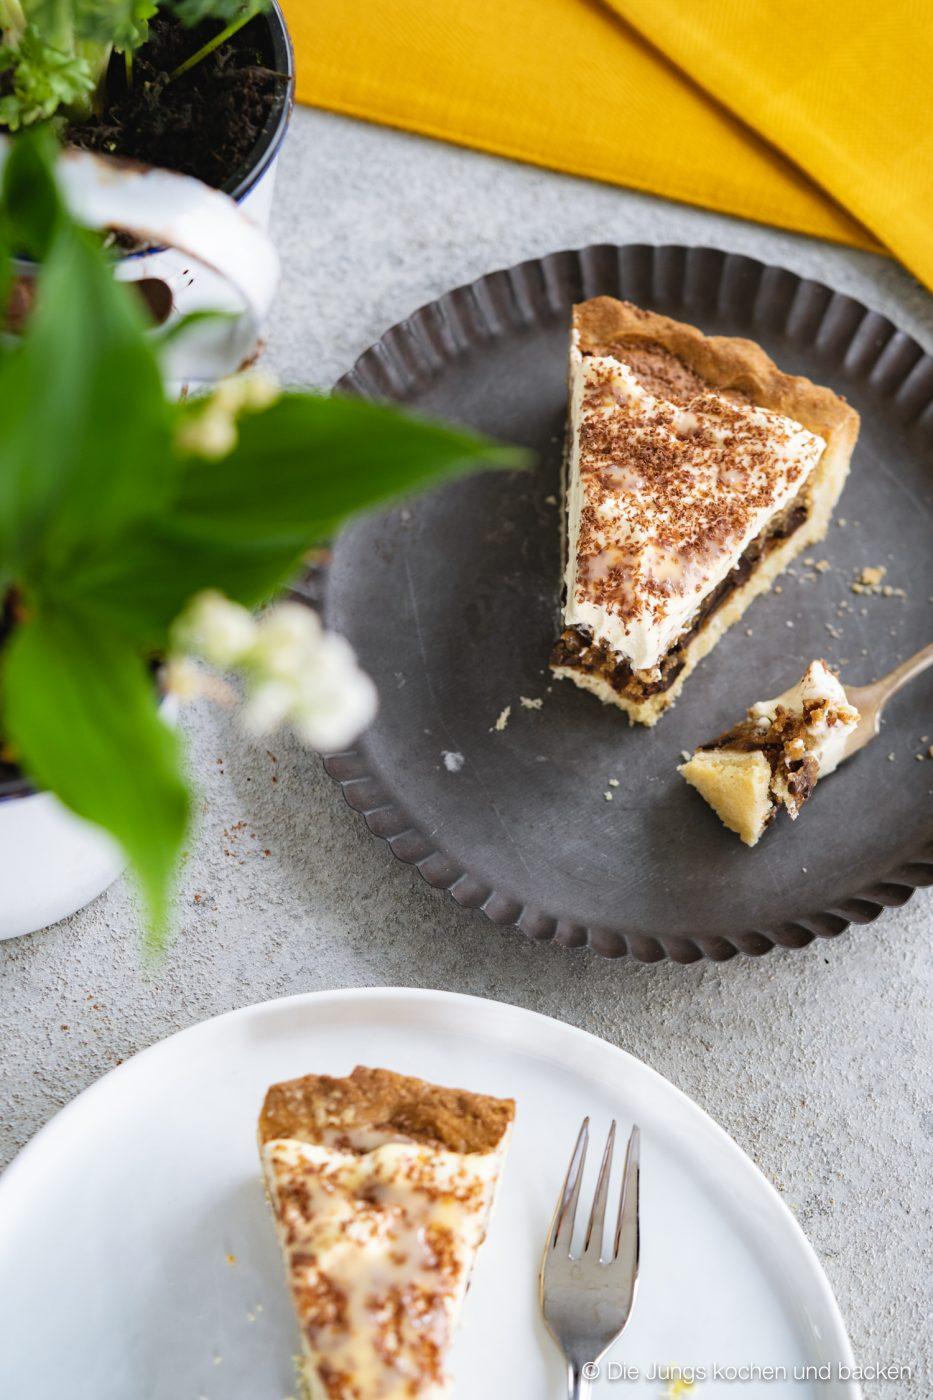 Cookie tarte eierlikör microplane 7 | Und weiter geht's mit unseren Ideen für euer Oster-Brunch. Nach den unverschämt guten Eggs Benedicts muss nun aber auch etwas Süßes auf den Tisch! An Ostern ist Eierlikör ein sehr gern gesehener Gast und auch bei unserem heutigen Rezept spielt er eine leckere Rolle. Wir haben eine wunderbare Sünde für die Ostertage gebacken, die ihr mit Sicherheit lieben werdet - eine Cookie-Tarte mit Tonkabohne & Eierlikör.